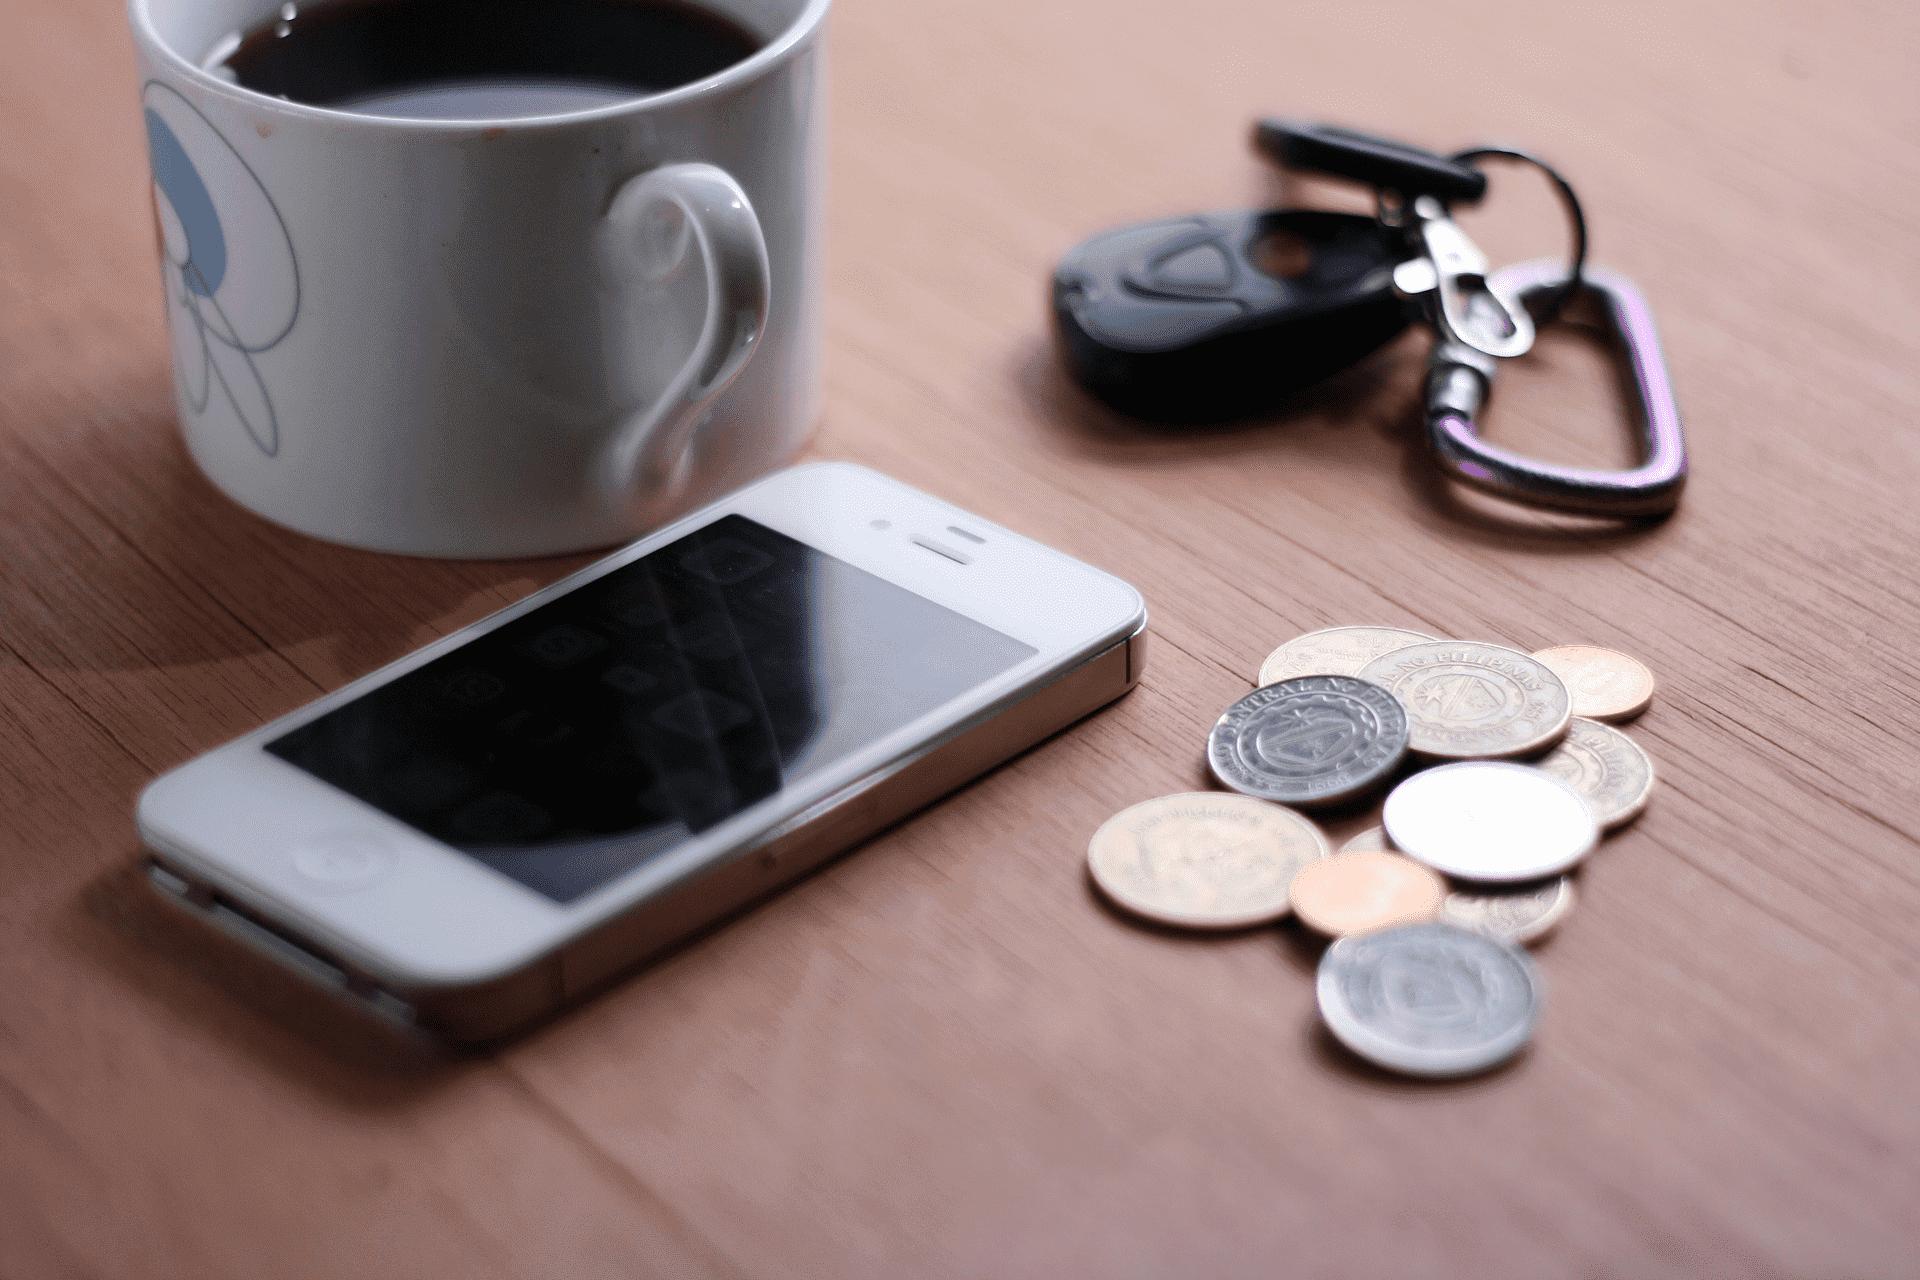 Какие вещи опасно держать рядом с мобильным телефоном